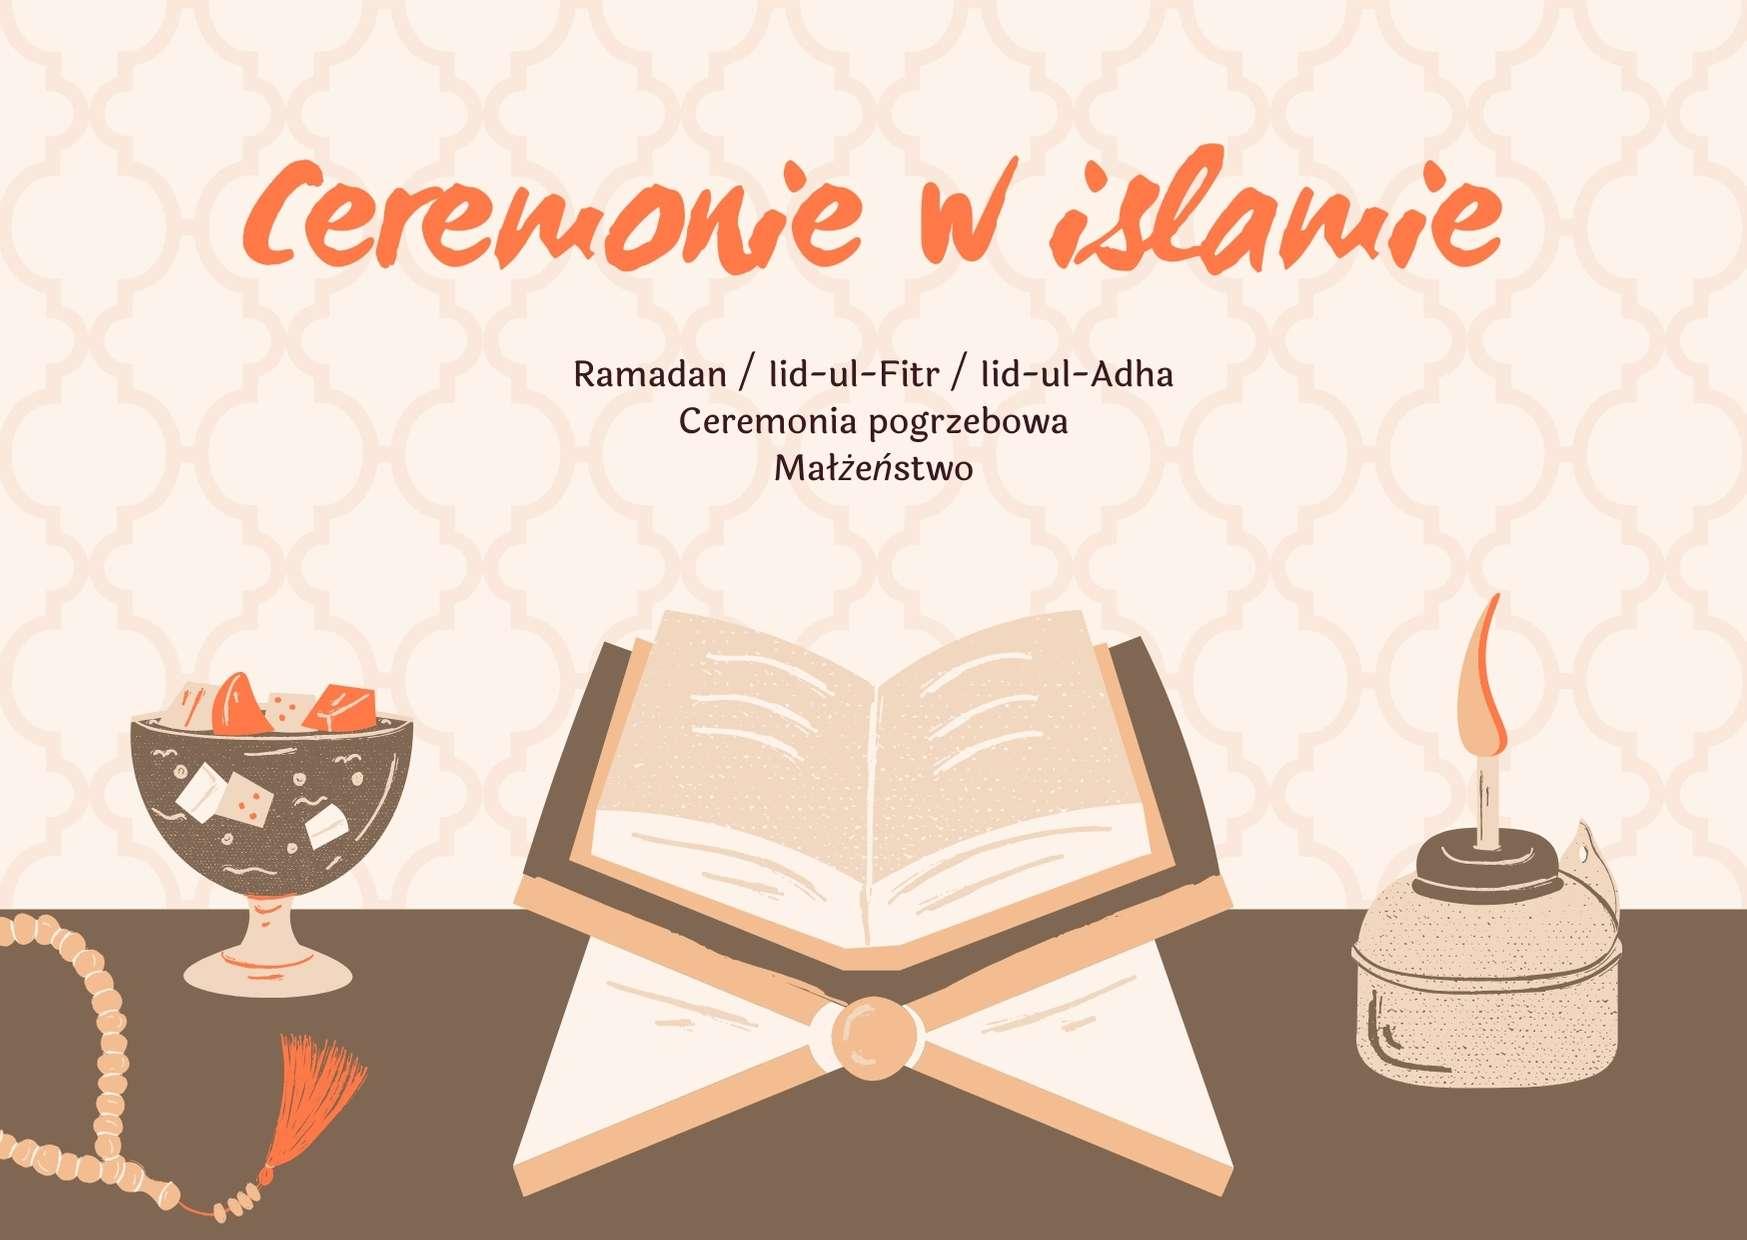 Ceremonie w islamie